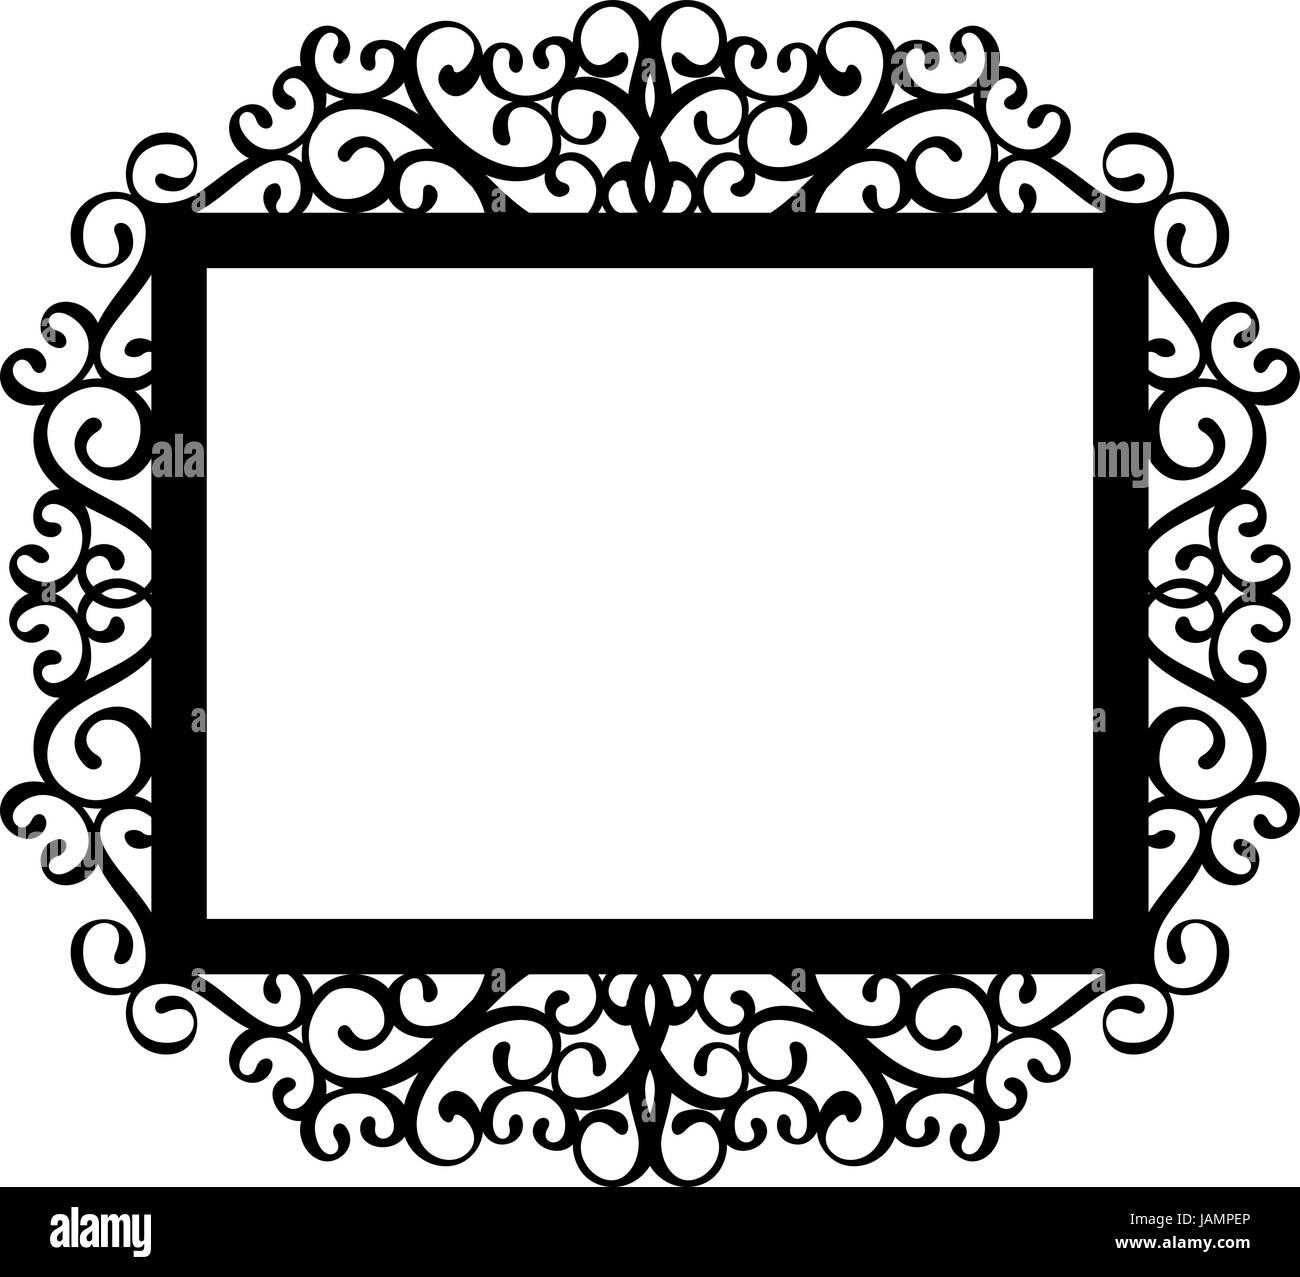 Cornice Decorativa Silhouette In Nero Isolato Su Sfondo Bianco